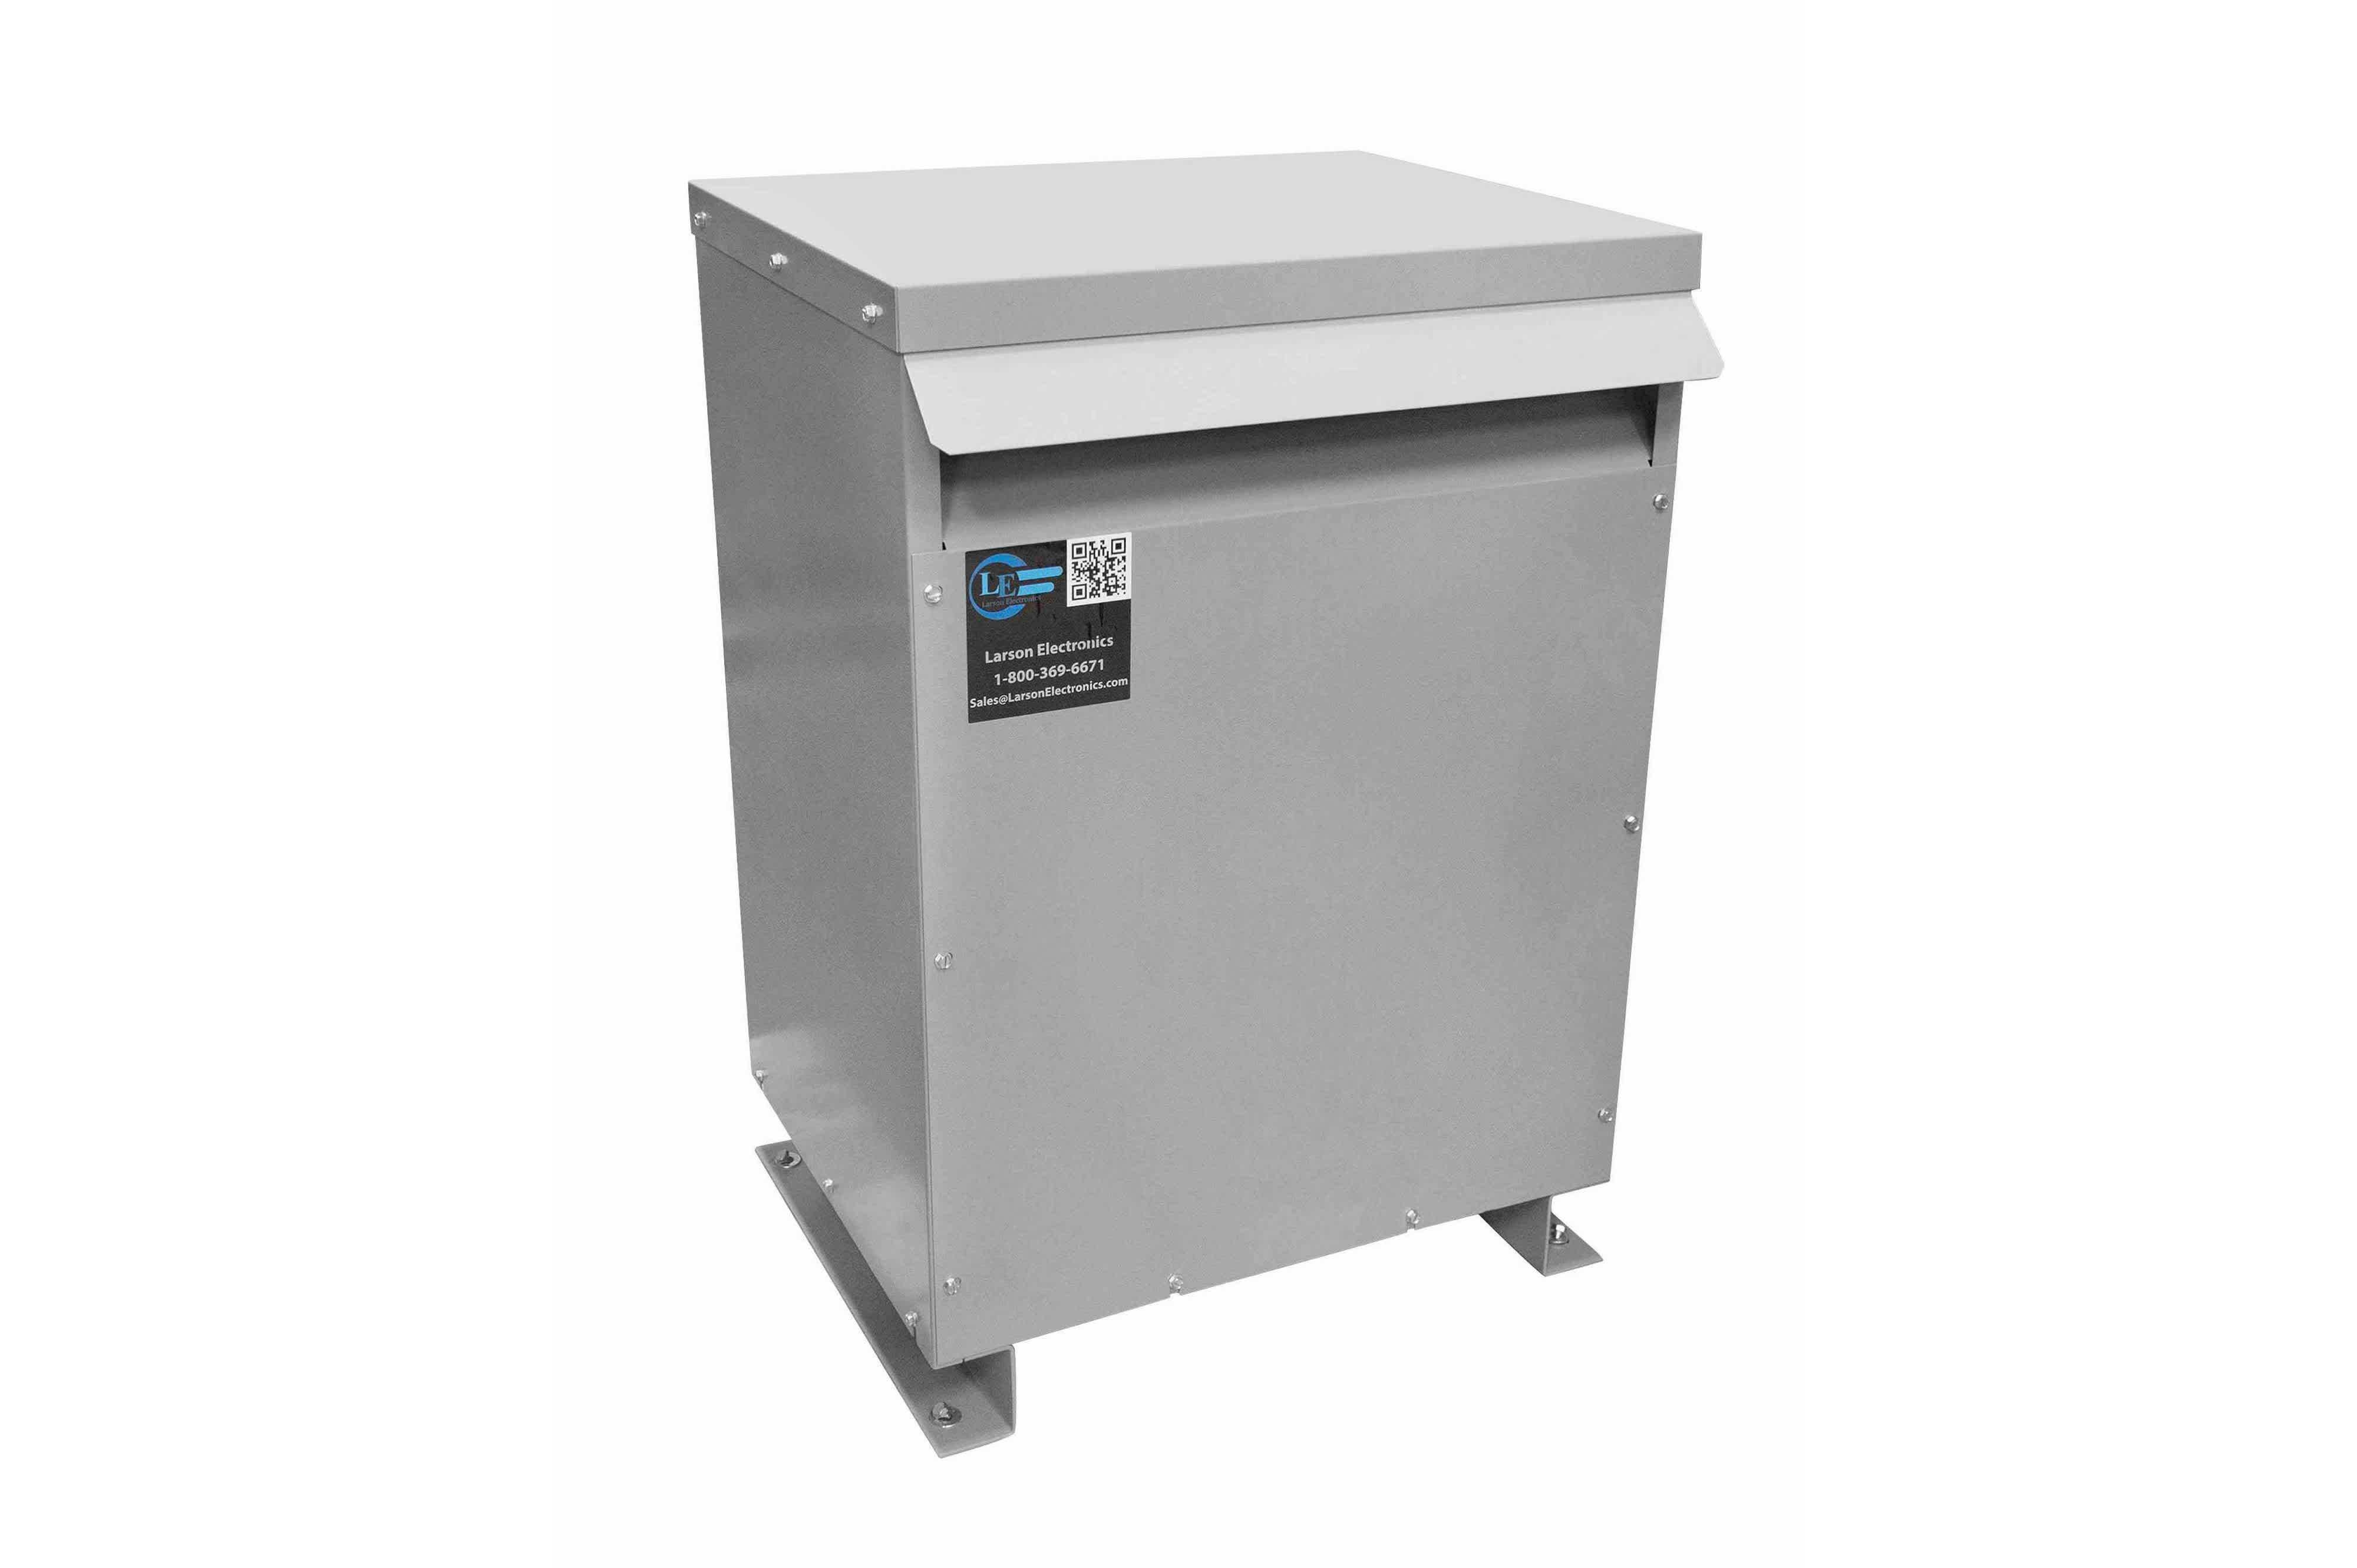 14 kVA 3PH Isolation Transformer, 600V Delta Primary, 480V Delta Secondary, N3R, Ventilated, 60 Hz